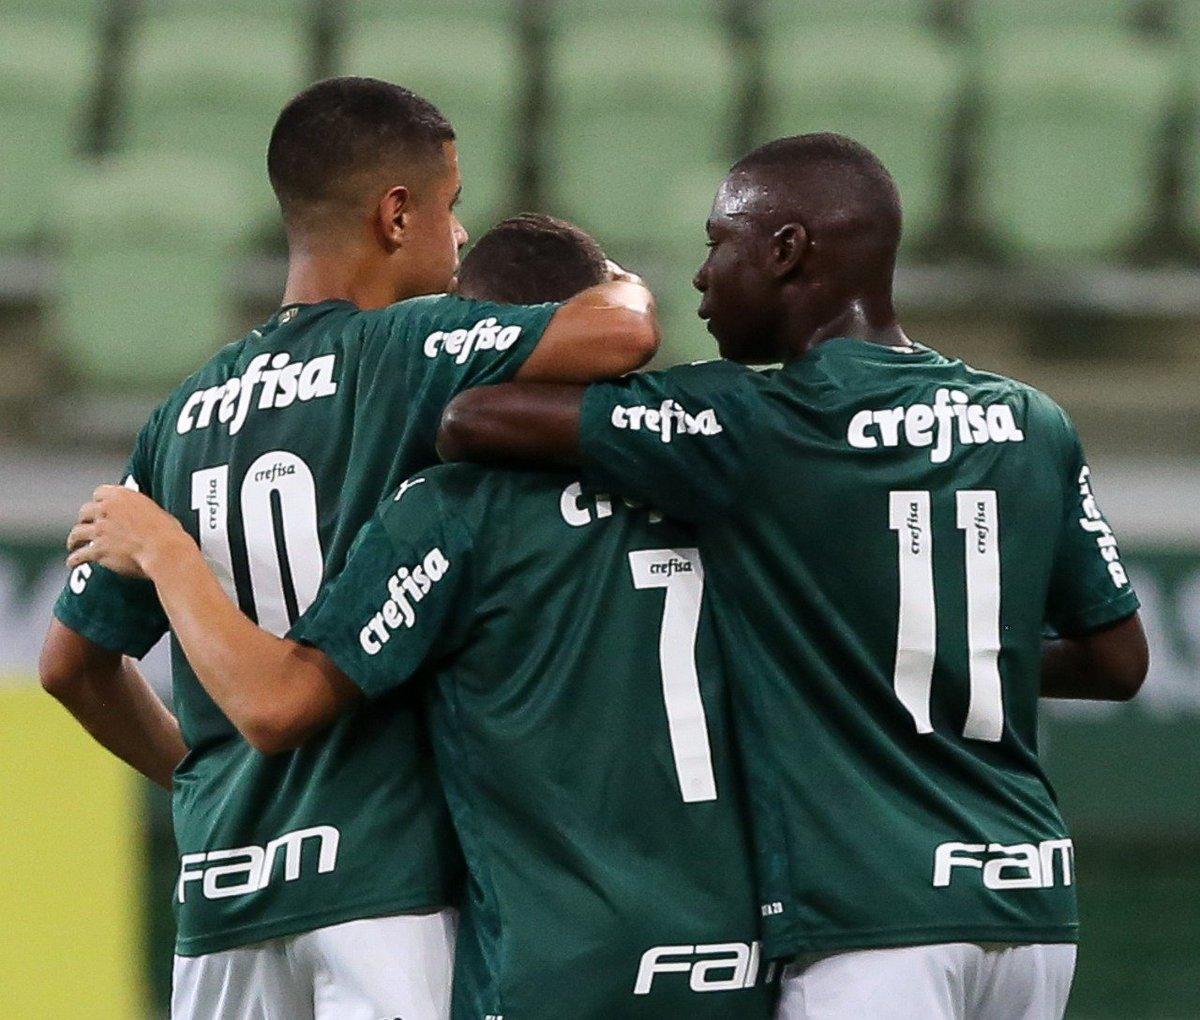 FIM DE JOGO!  E que jogão!   Palmeiras 2 x 1 São Paulo - Brasileirão Sub-20  Vitória de virada no Allianz Parque! Gols do Palmeiras marcados por: Marcelinho e Ramon Cesar! https://t.co/w4twTQ44pP